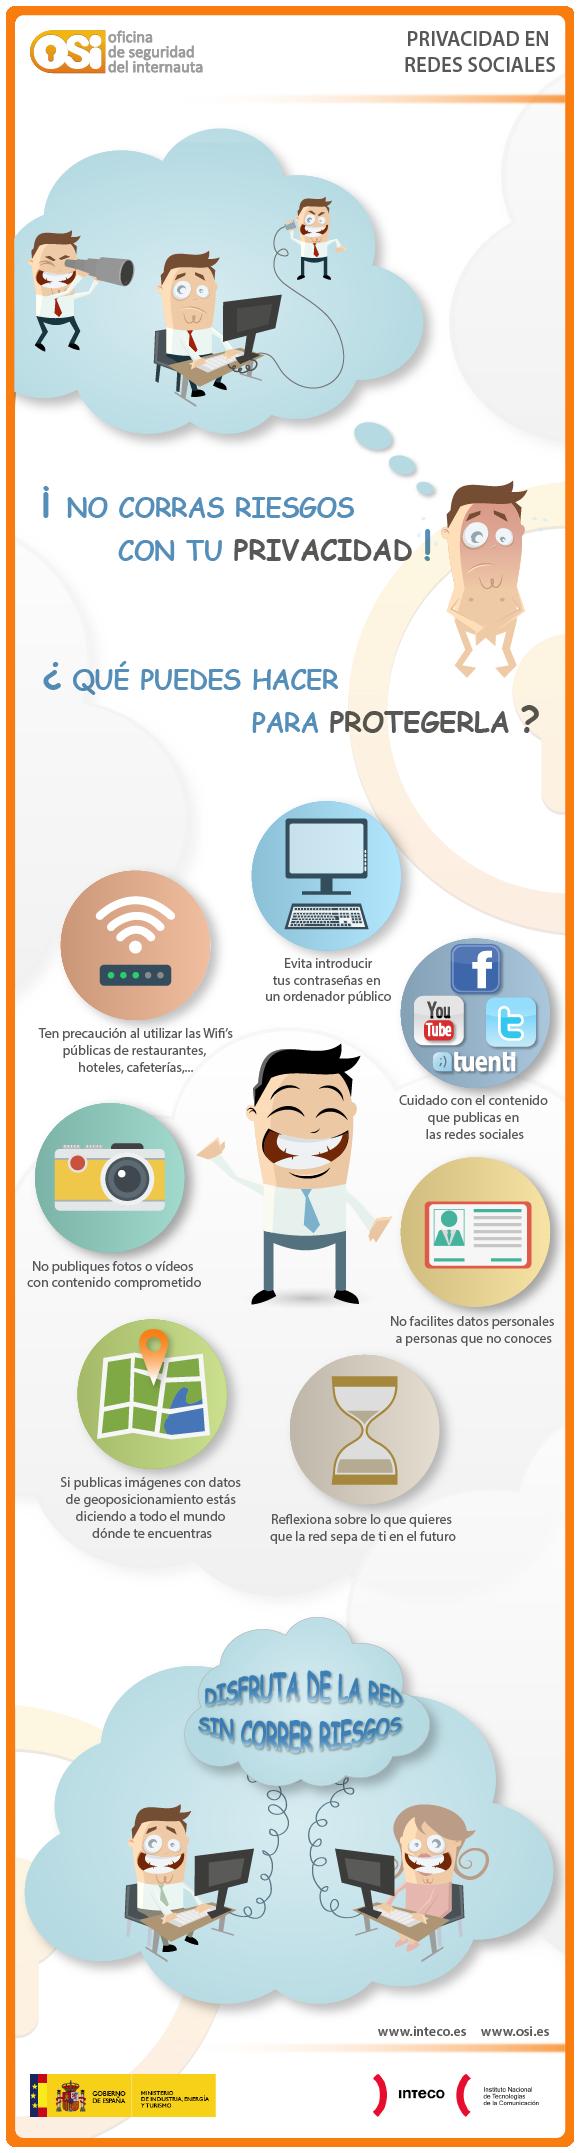 Día_de_la_privacidad